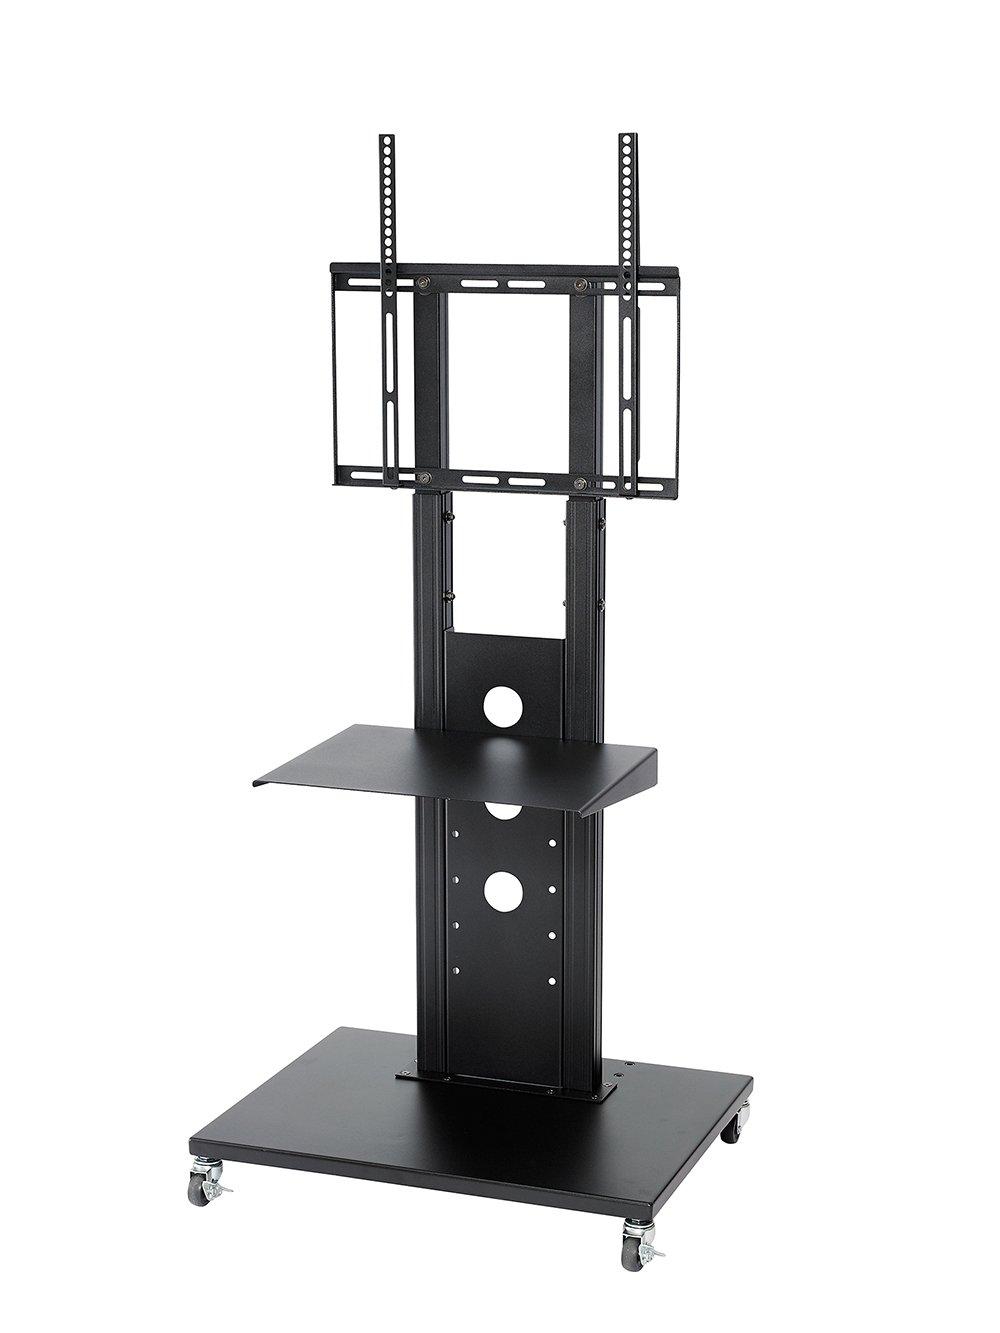 32型~52型液晶テレビ壁寄せスタンド OCF-450-3 (ブラック, 棚板付き) B01BXTTBFG 棚板付き|ブラック ブラック 棚板付き